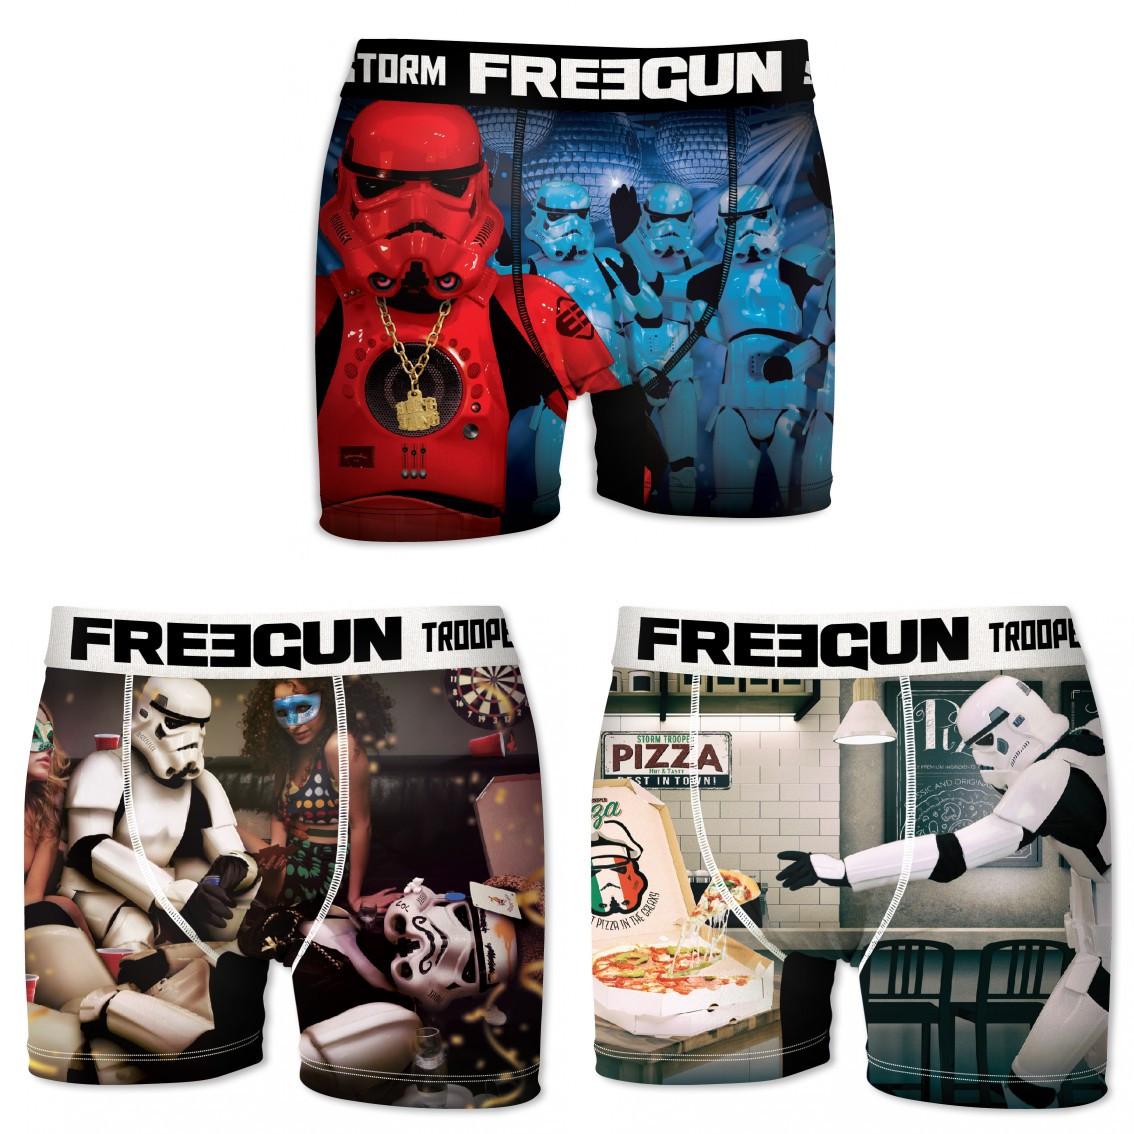 Lot de 3 boxers homme freegun stormtroopers multicolore (photo)